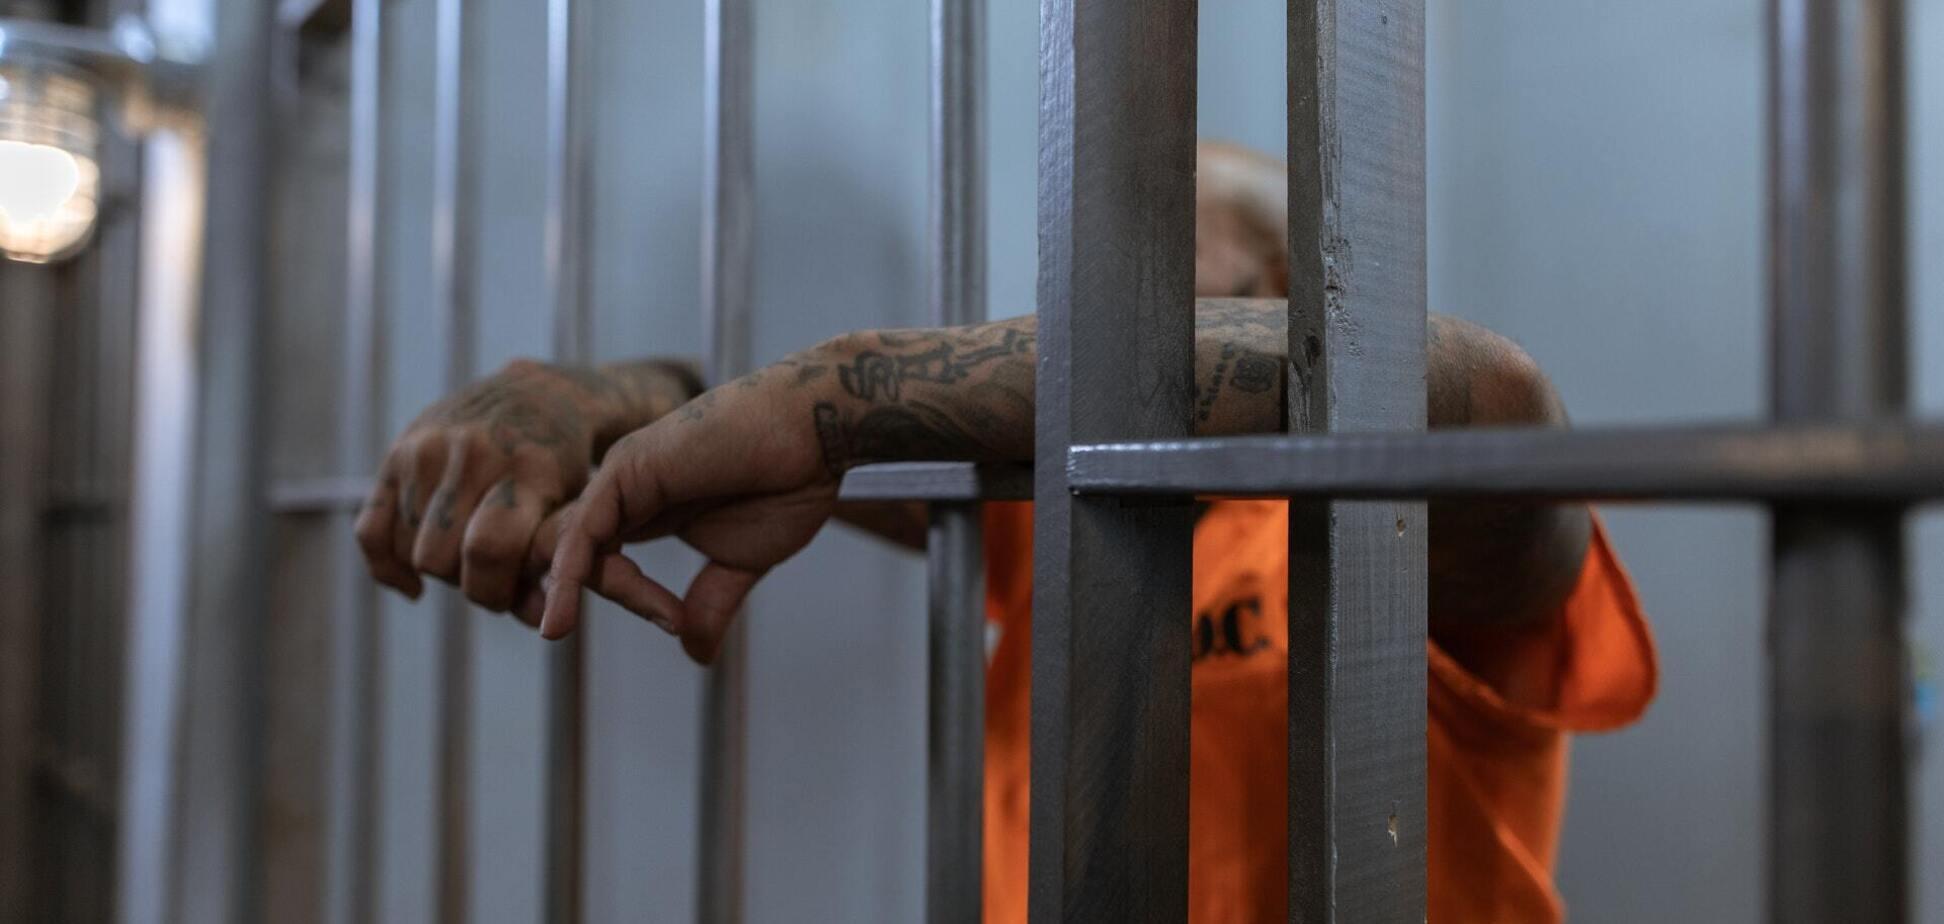 В Великобритании выпустили из тюрьмы убийцу двух детей